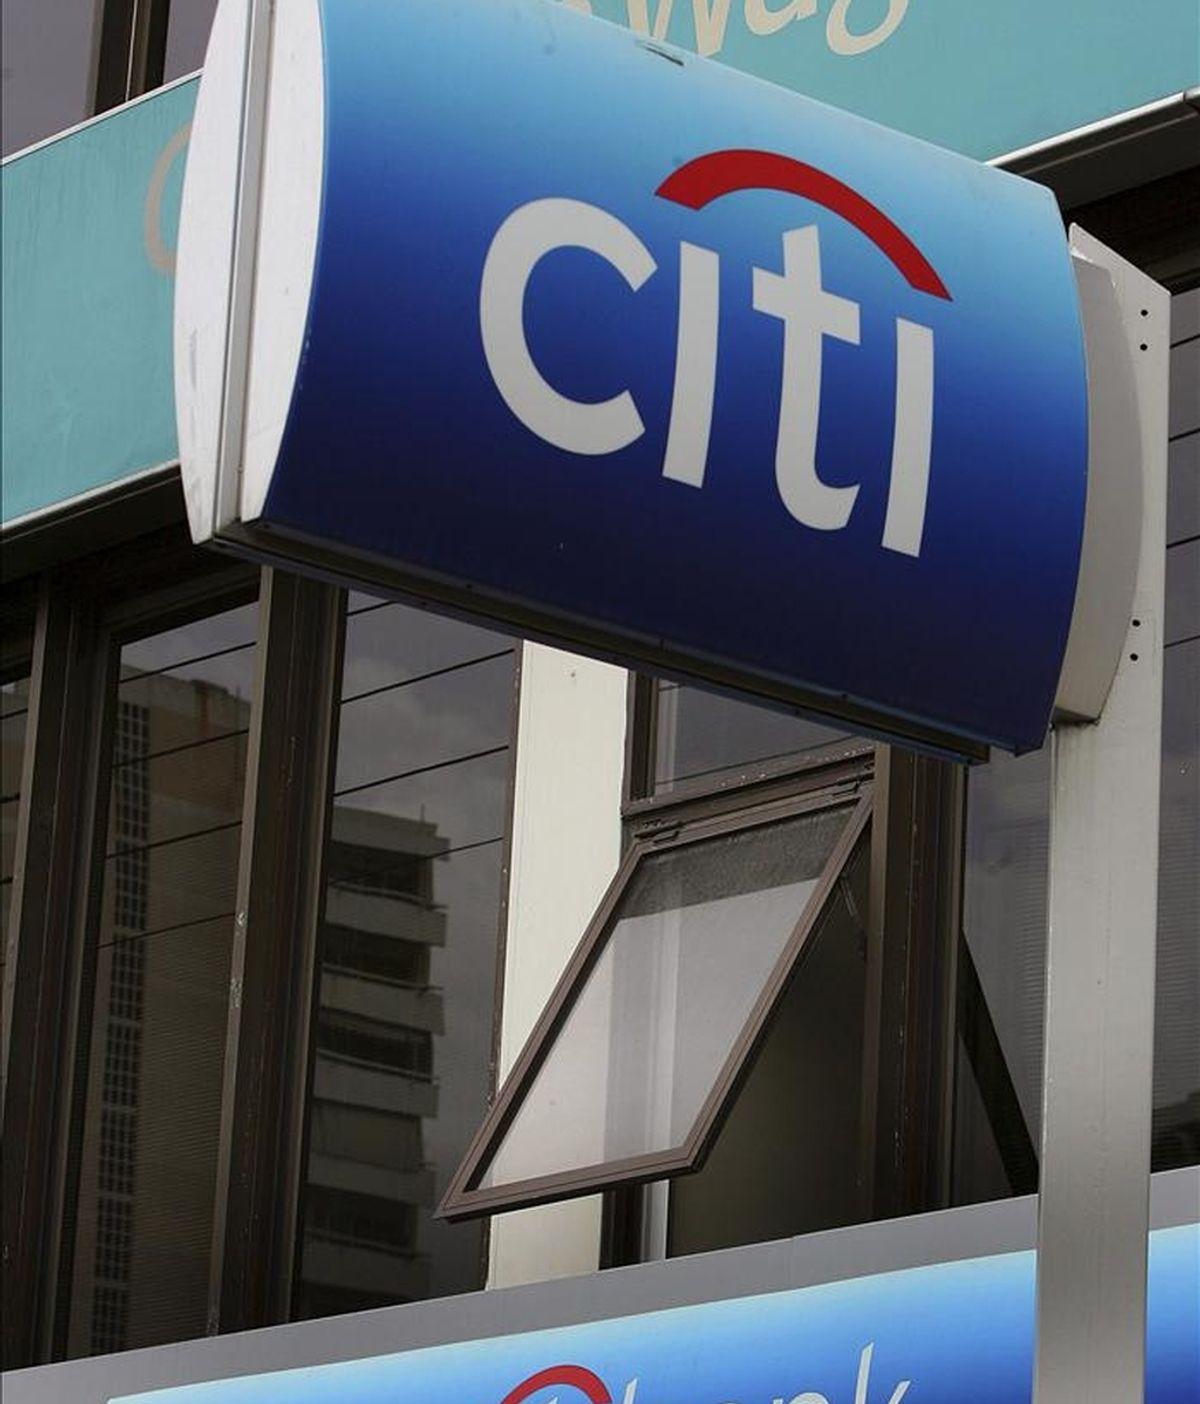 El rescate por parte del Gobierno de EE.UU. de Citigroup, la tercera entidad financiera más grande del país, permitió recuperar la confianza del mercado. EFE/Archivo